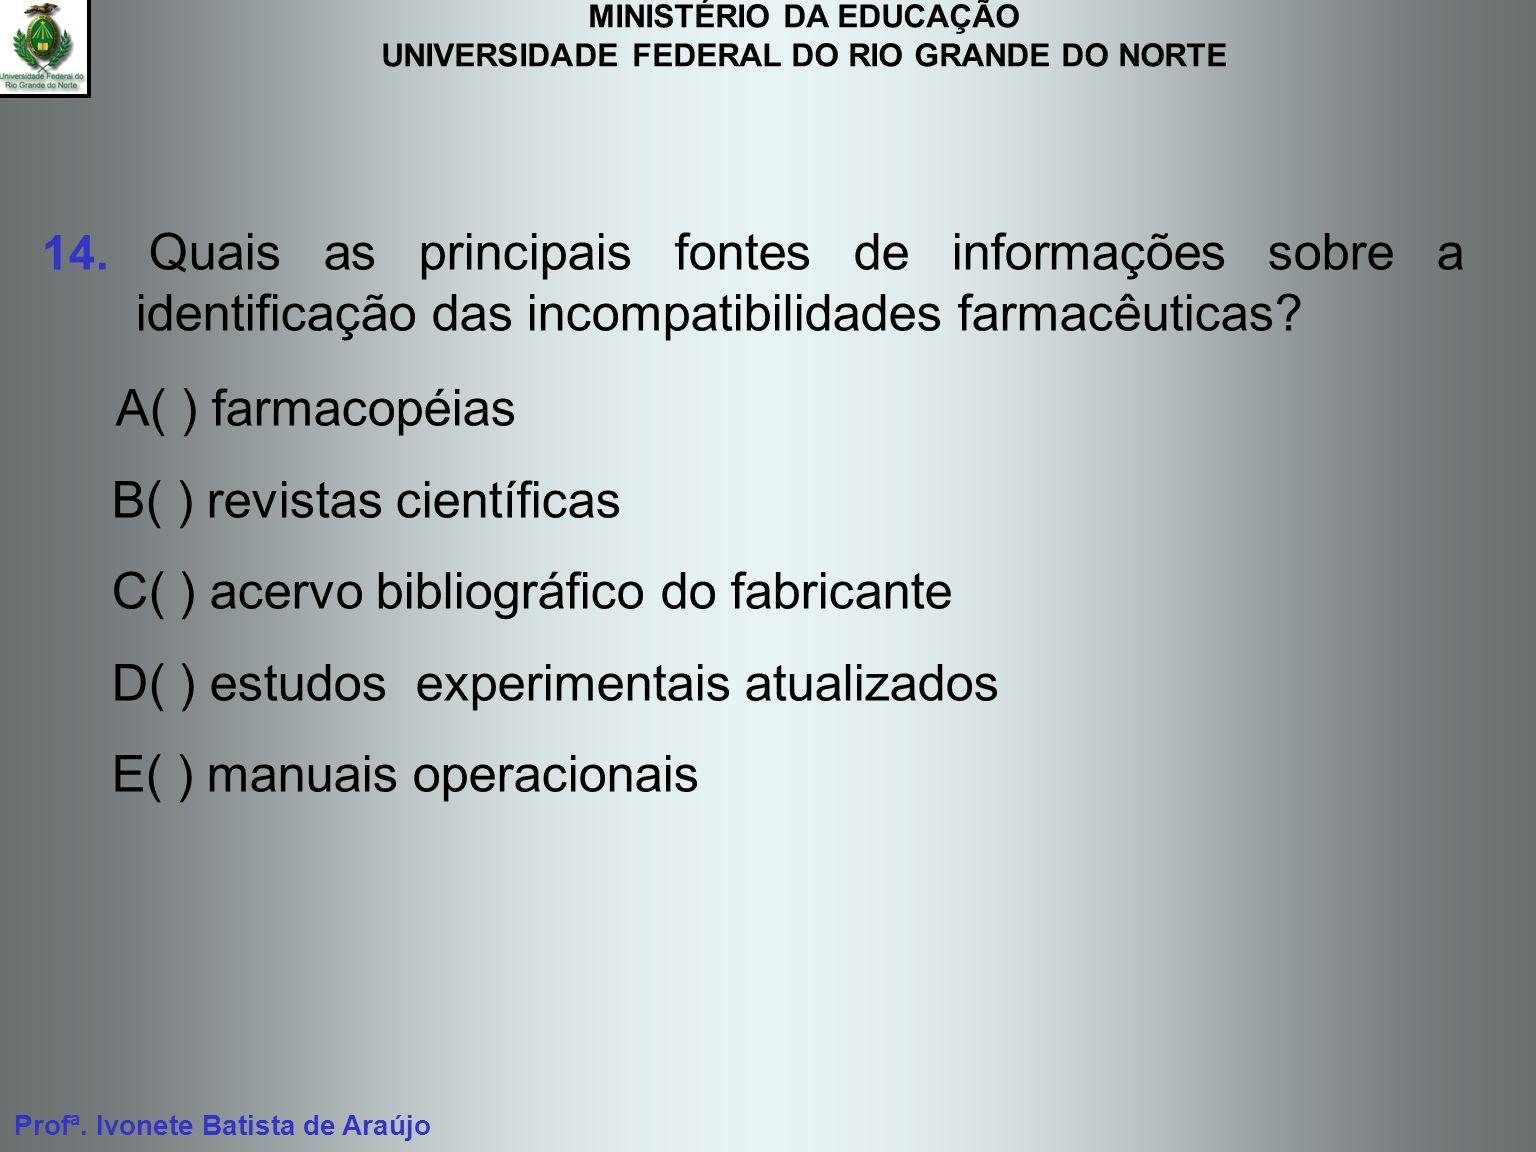 A( ) farmacopéias B( ) revistas científicas